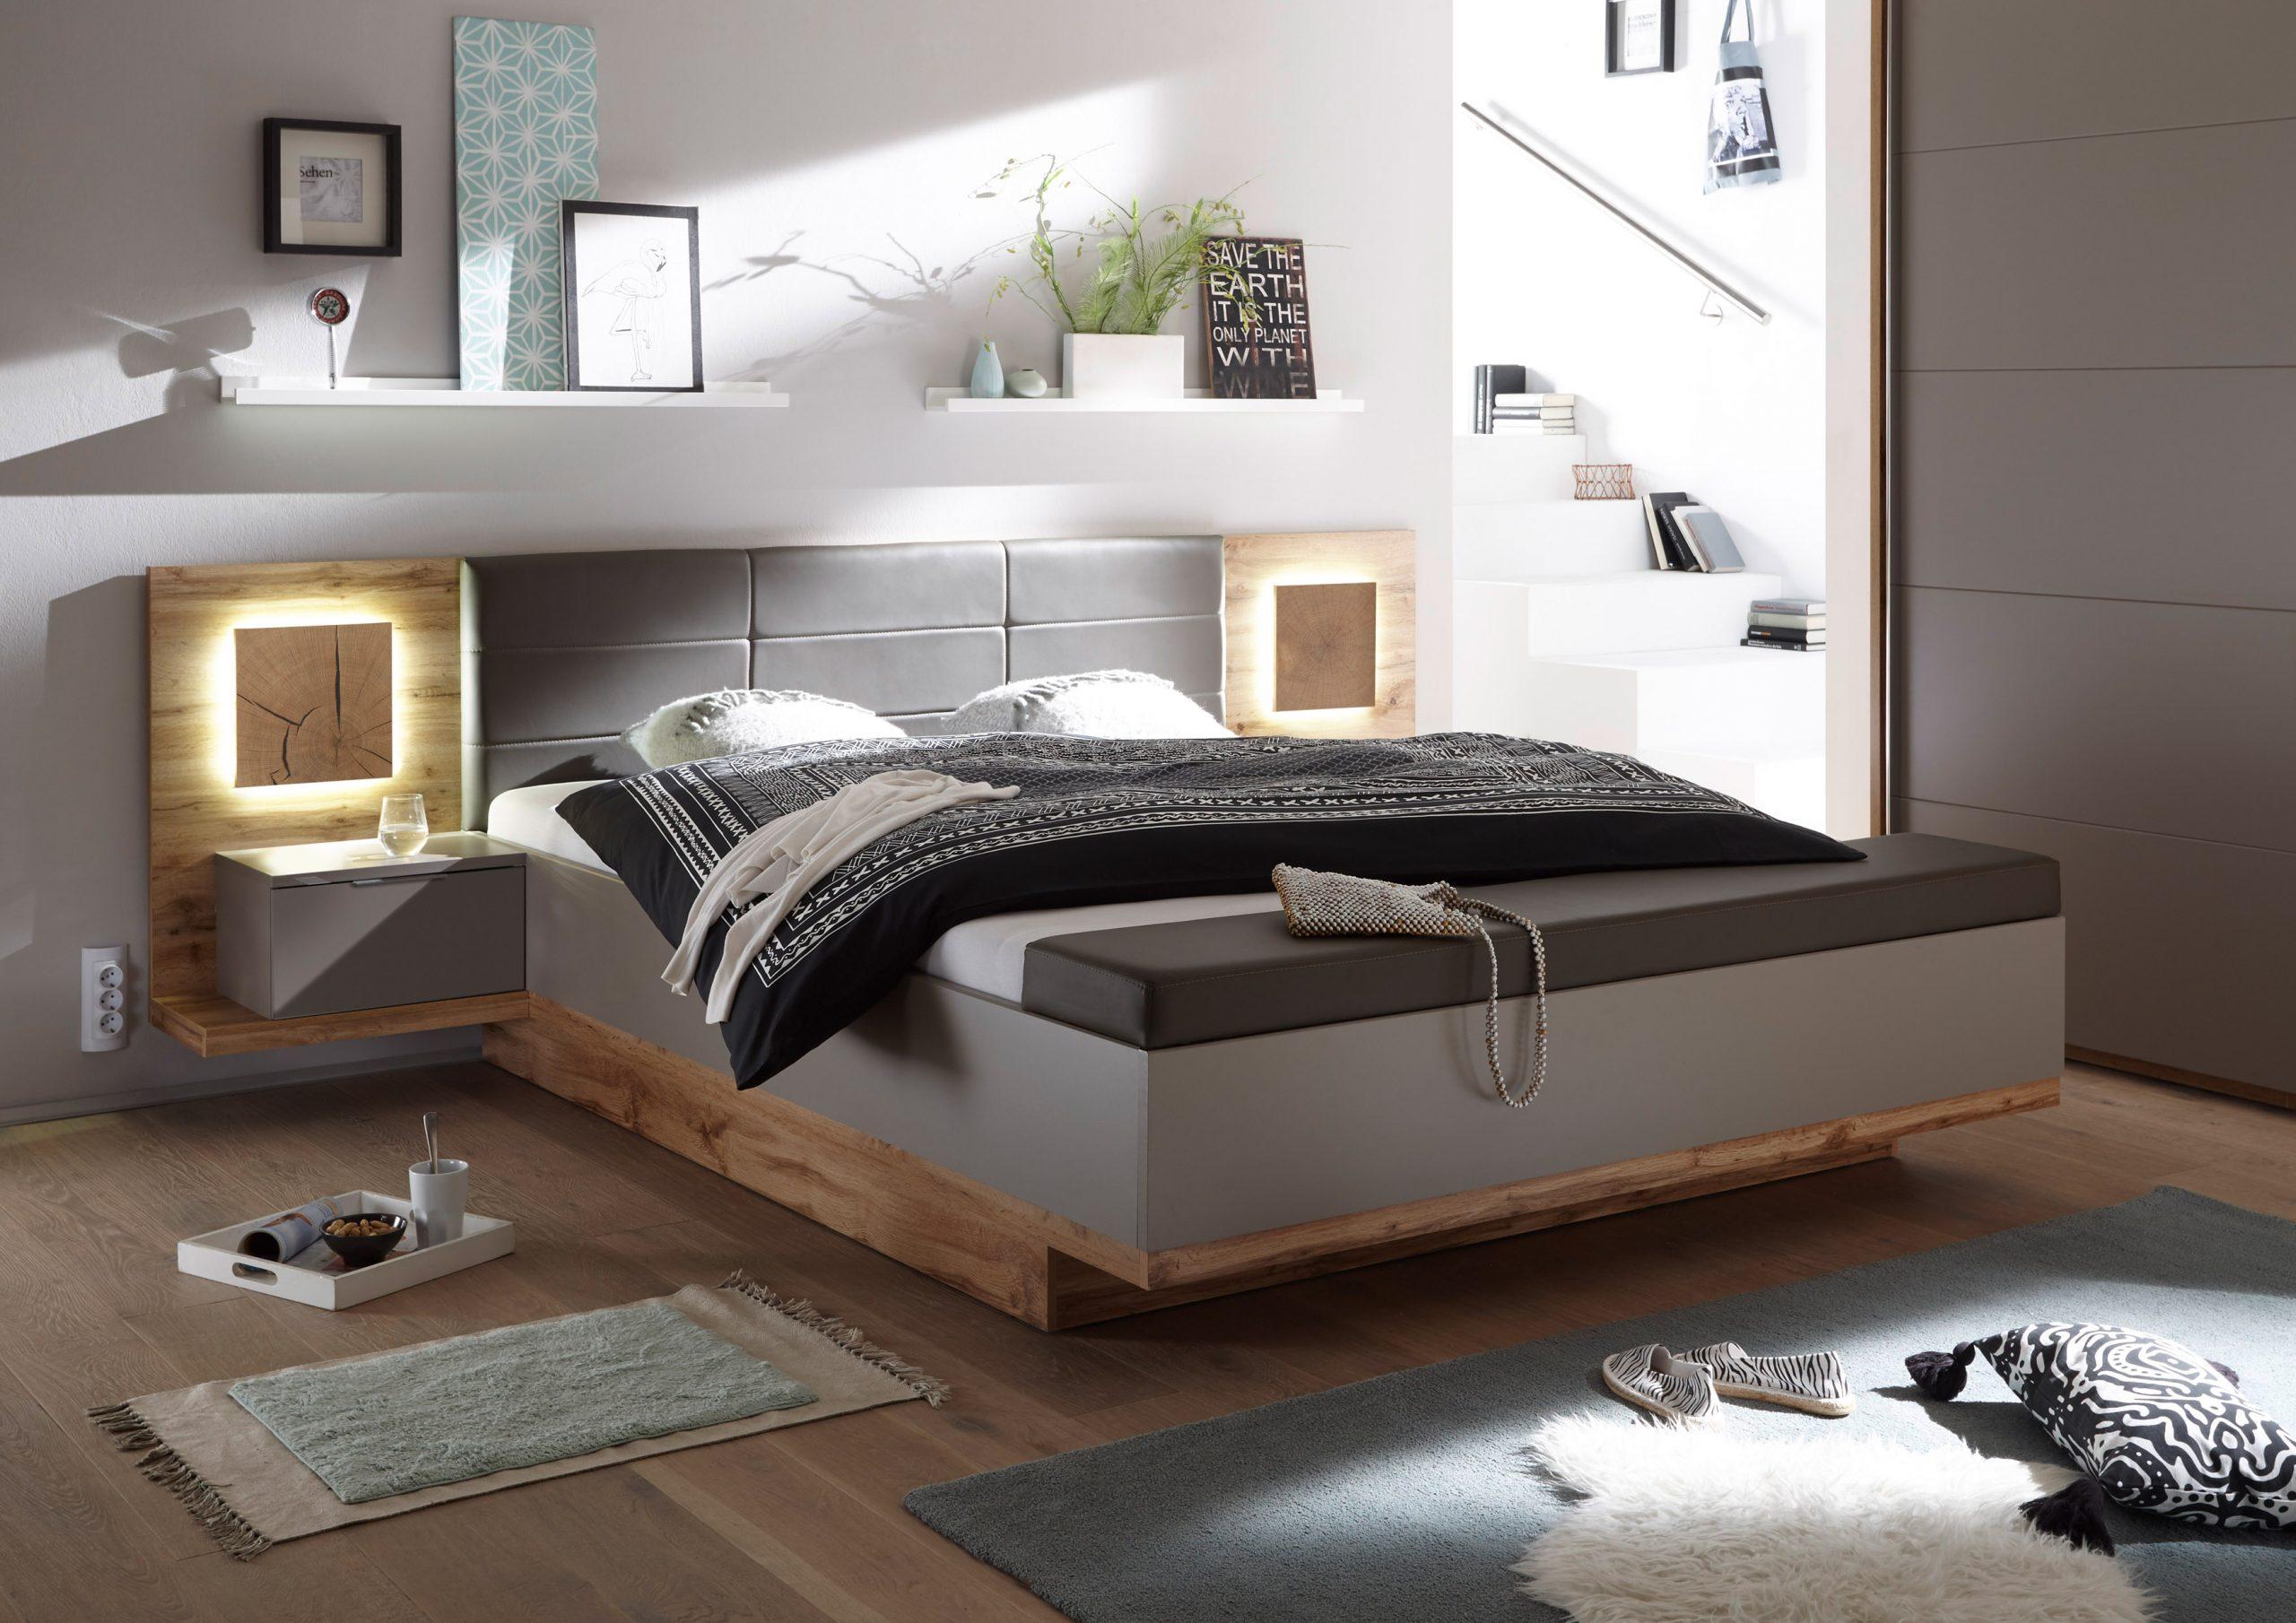 Full Size of Schlafzimmer Komplett Set 4 Tlg Capri Xl Bett 180 Kleiderschrank Küche Günstig Mit Elektrogeräten Schrank Esstisch Stühlen Günstige Betten Deckenleuchte Schlafzimmer Schlafzimmer Set Günstig